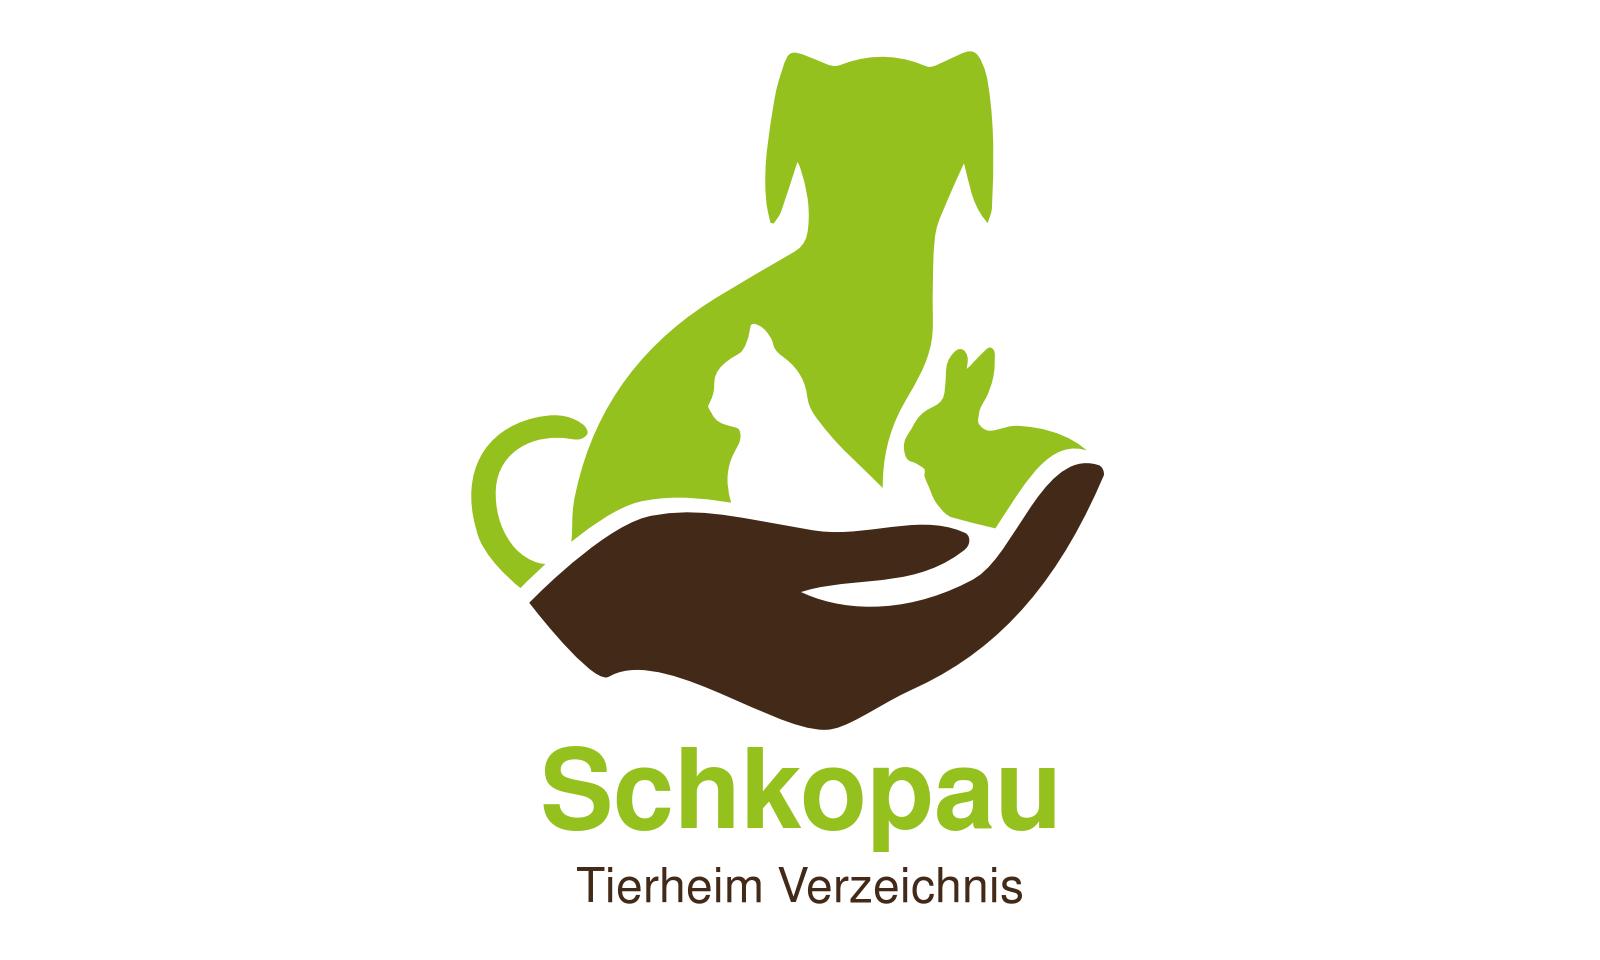 Tierheim Schkopau